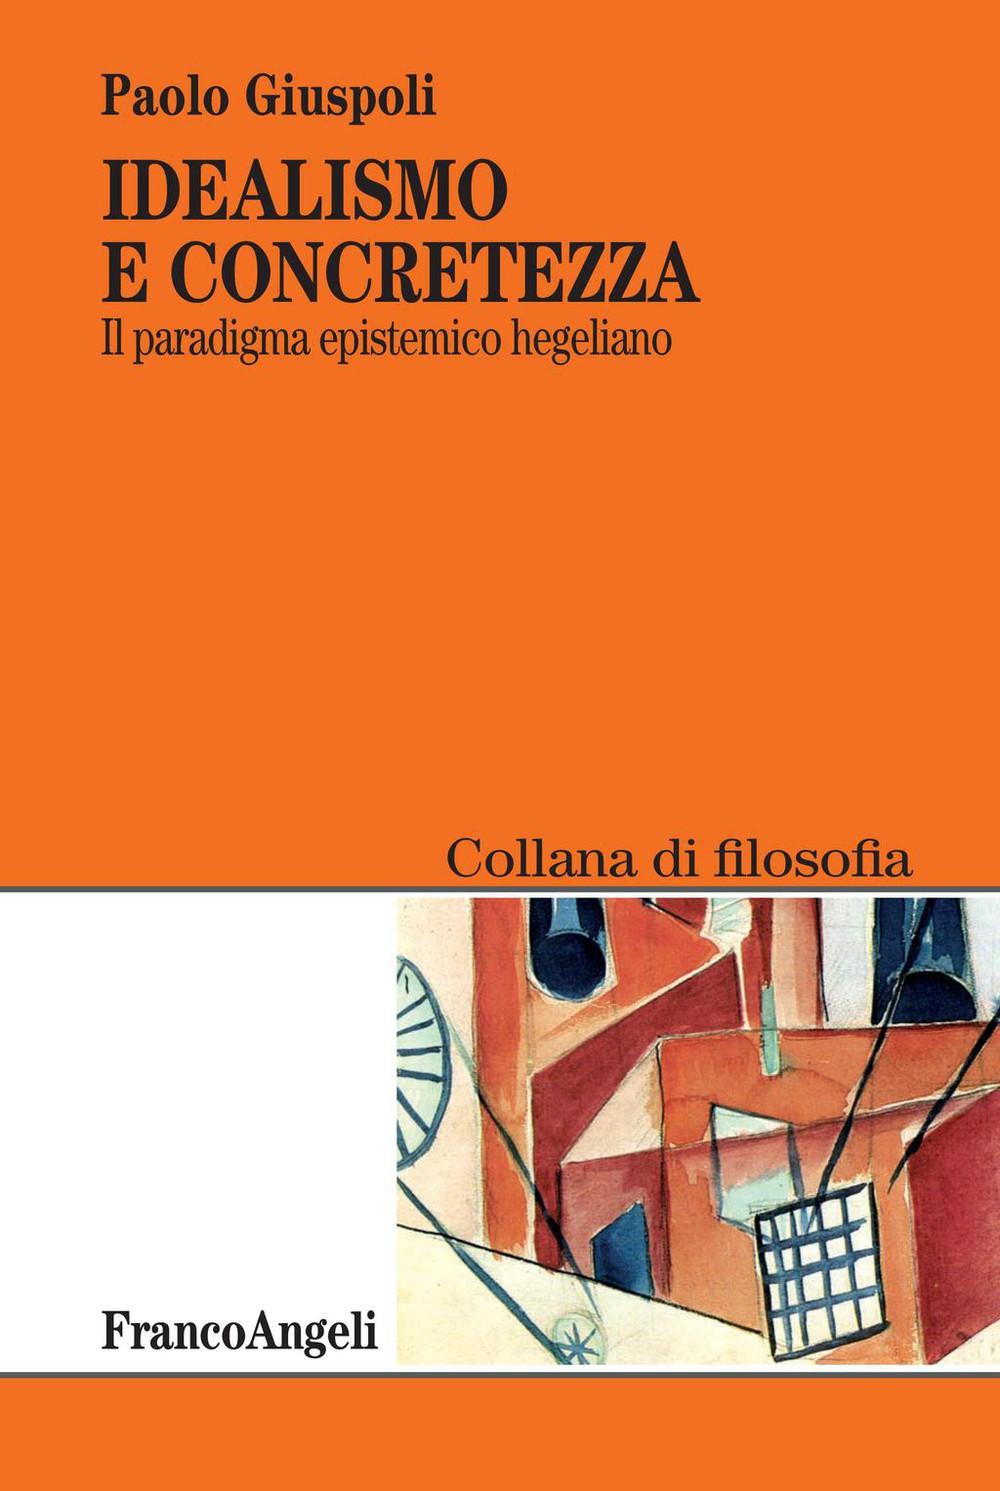 Idealismo e concretezza